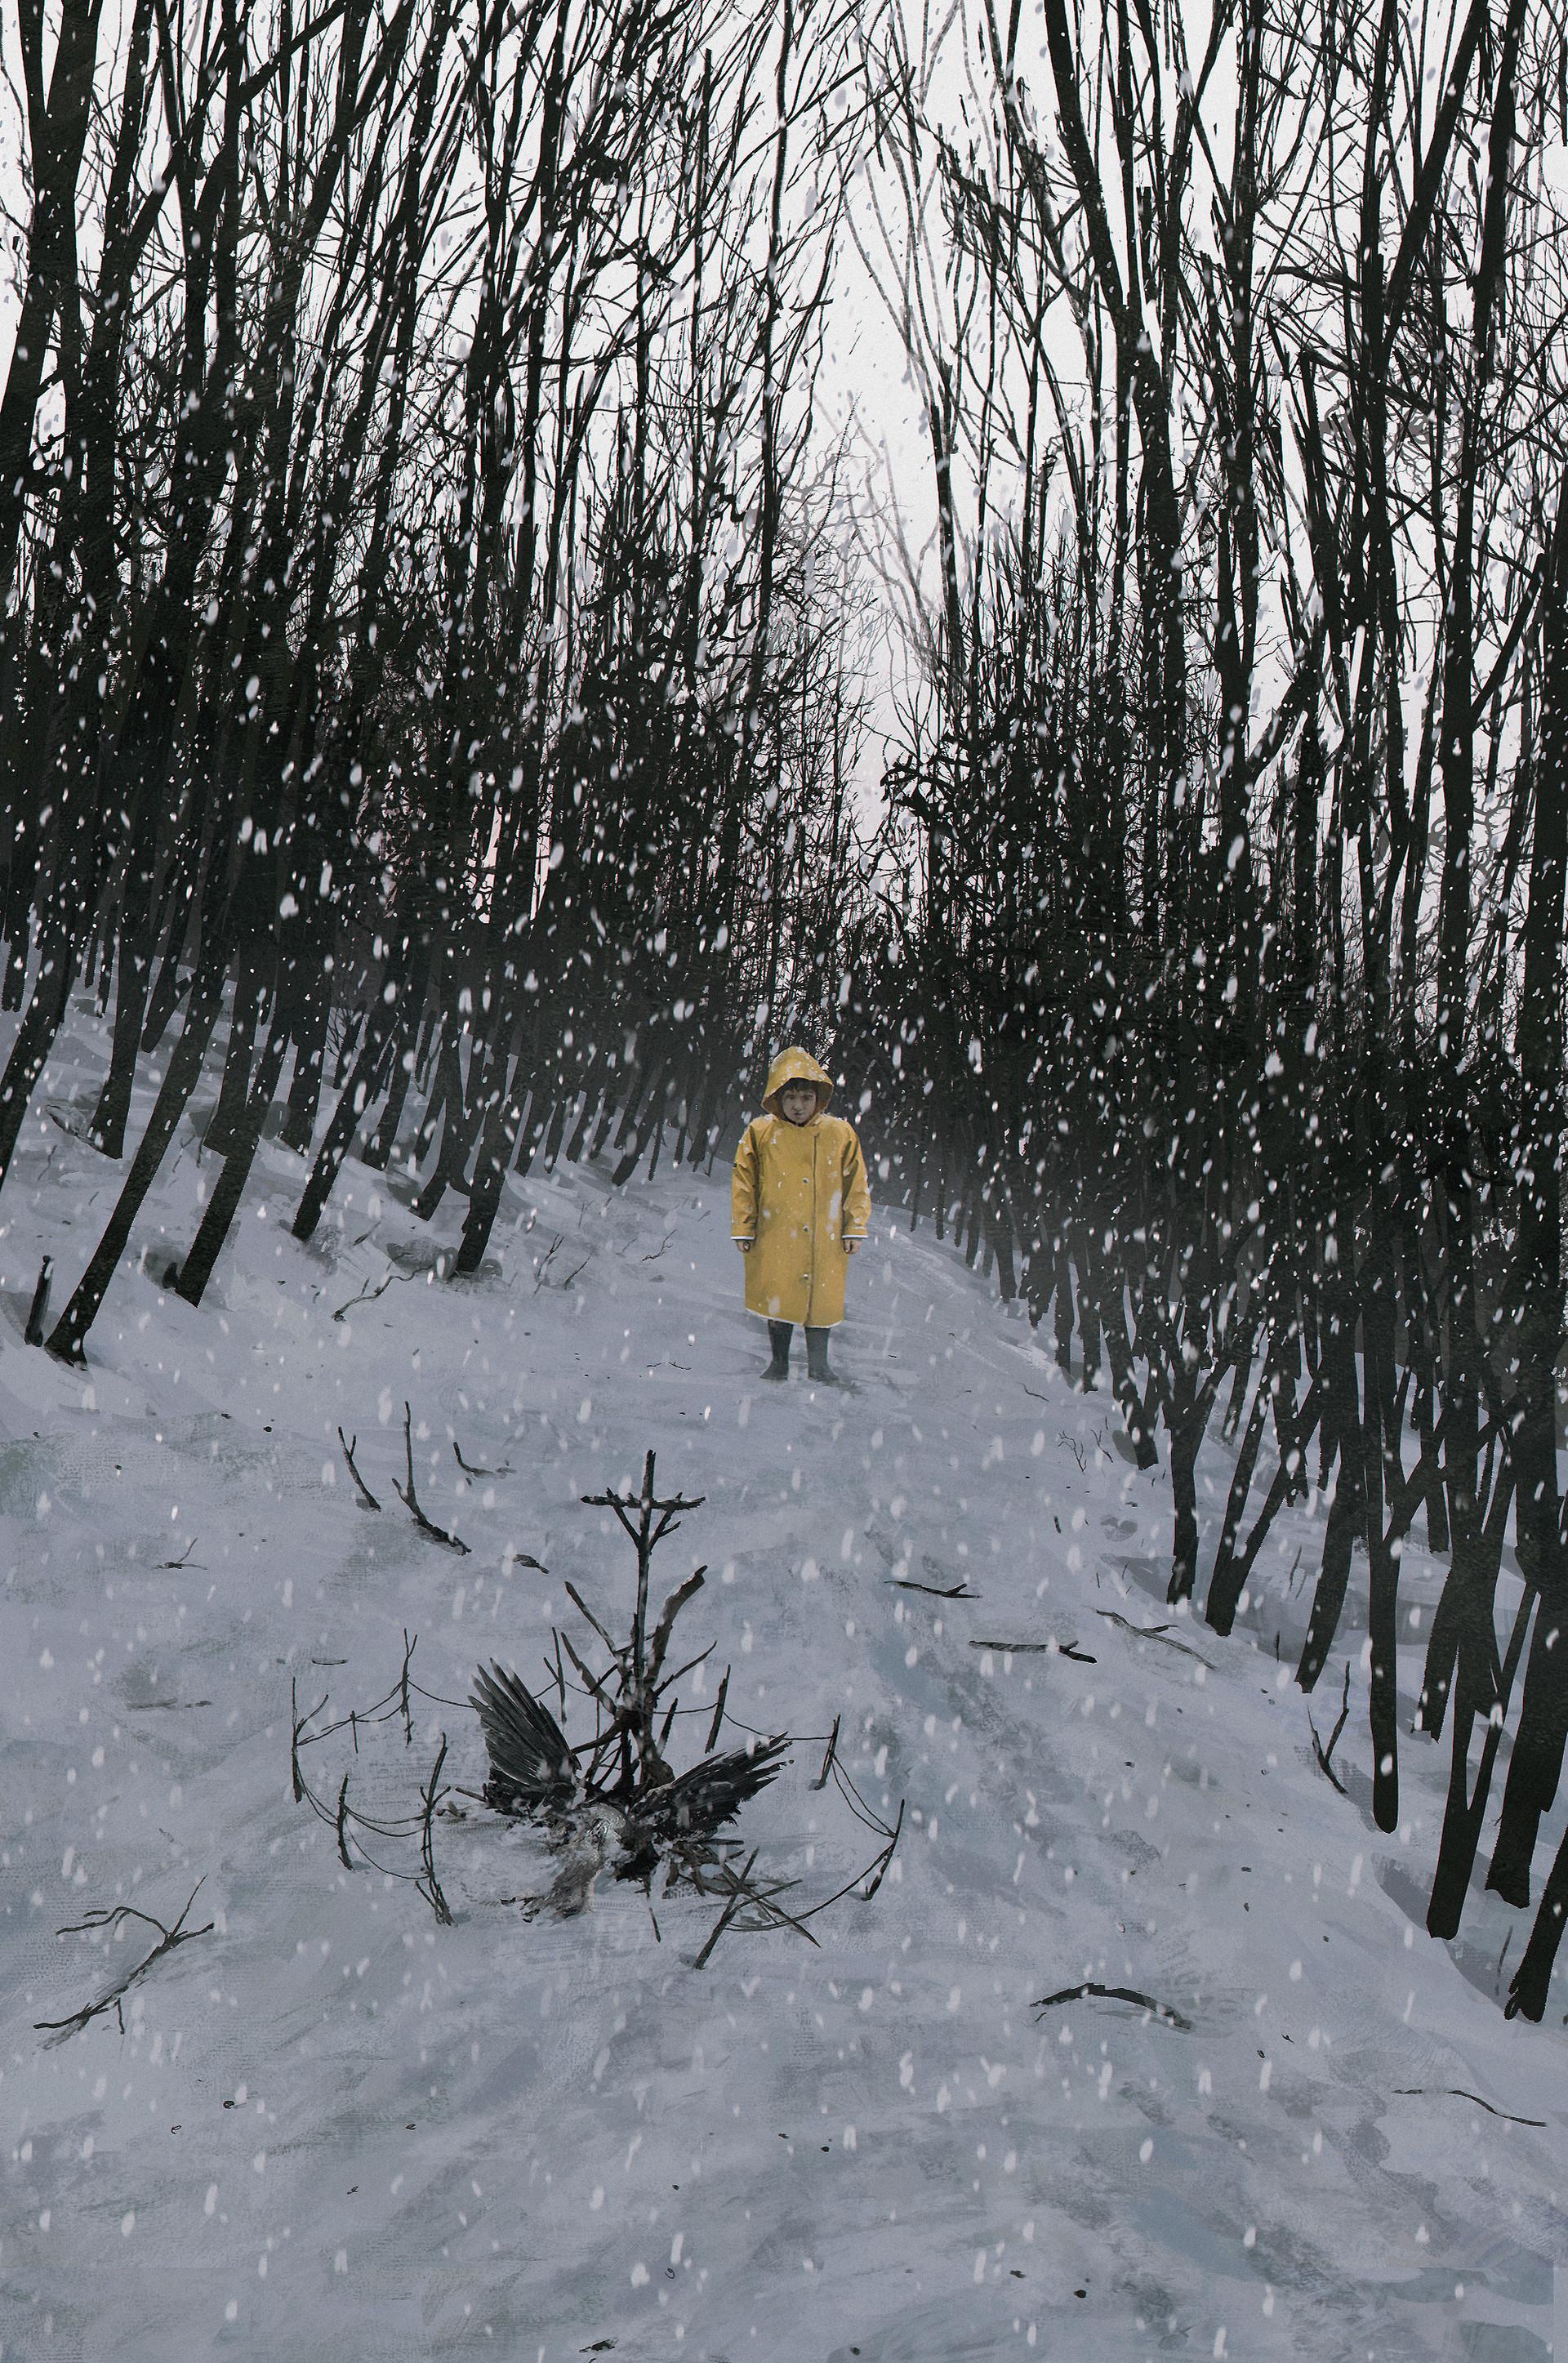 Vincenzo lamolinara a wood